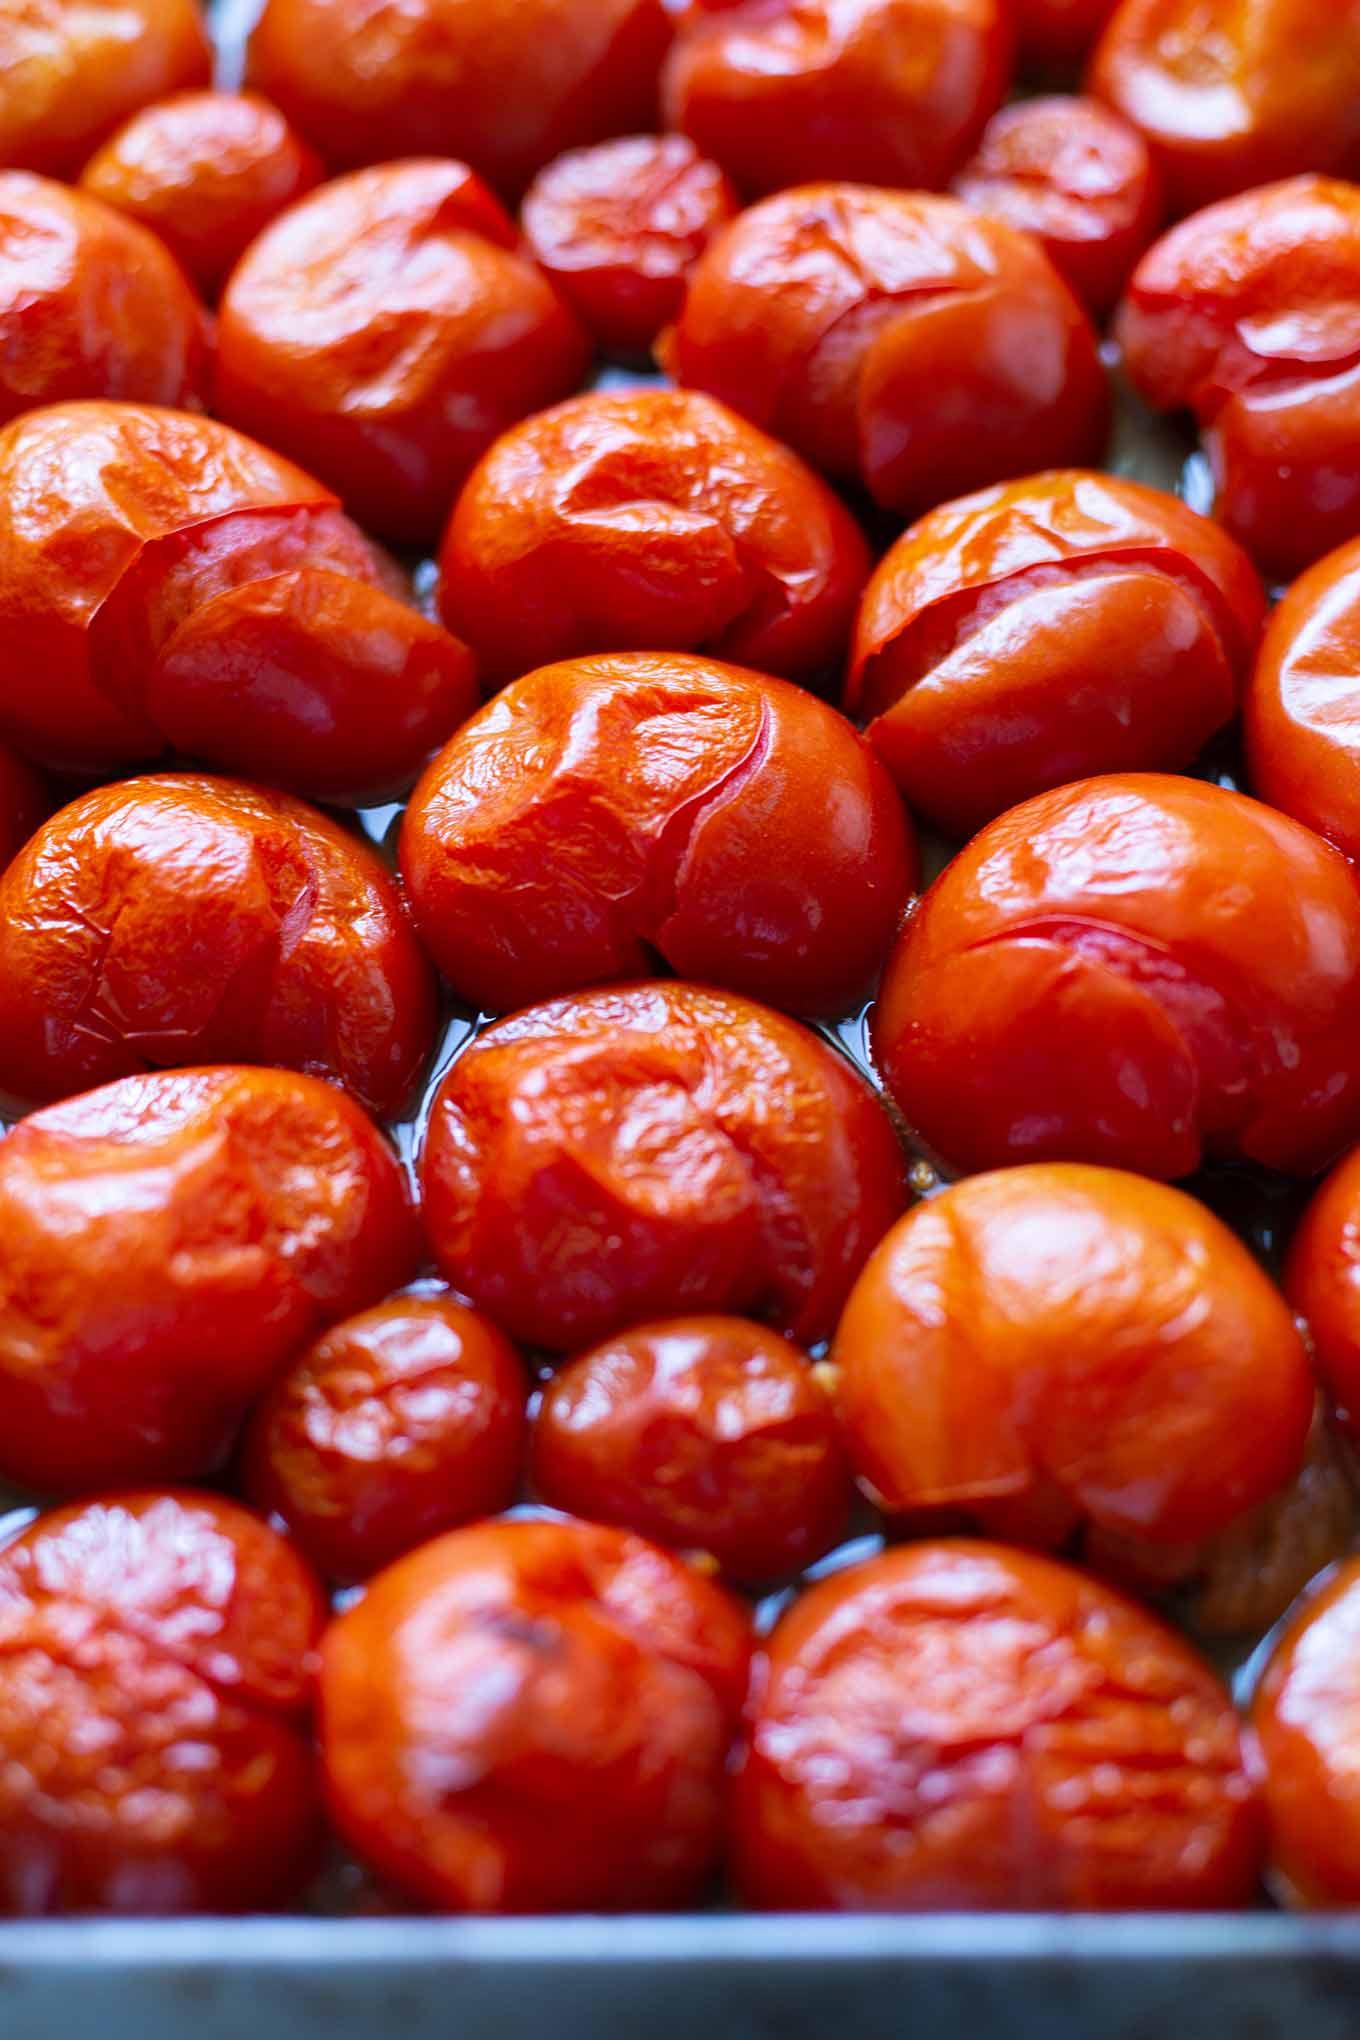 Einfache Tomatensauce aus dem Ofen. Tomatensauce selber machen war noch nie so einfach wie mit diesem schnellen Rezept. Unbedingt ausprobieren! - Kochkarussell.com #tomatensauce #selbermachen #ofentomatensauce #rezept